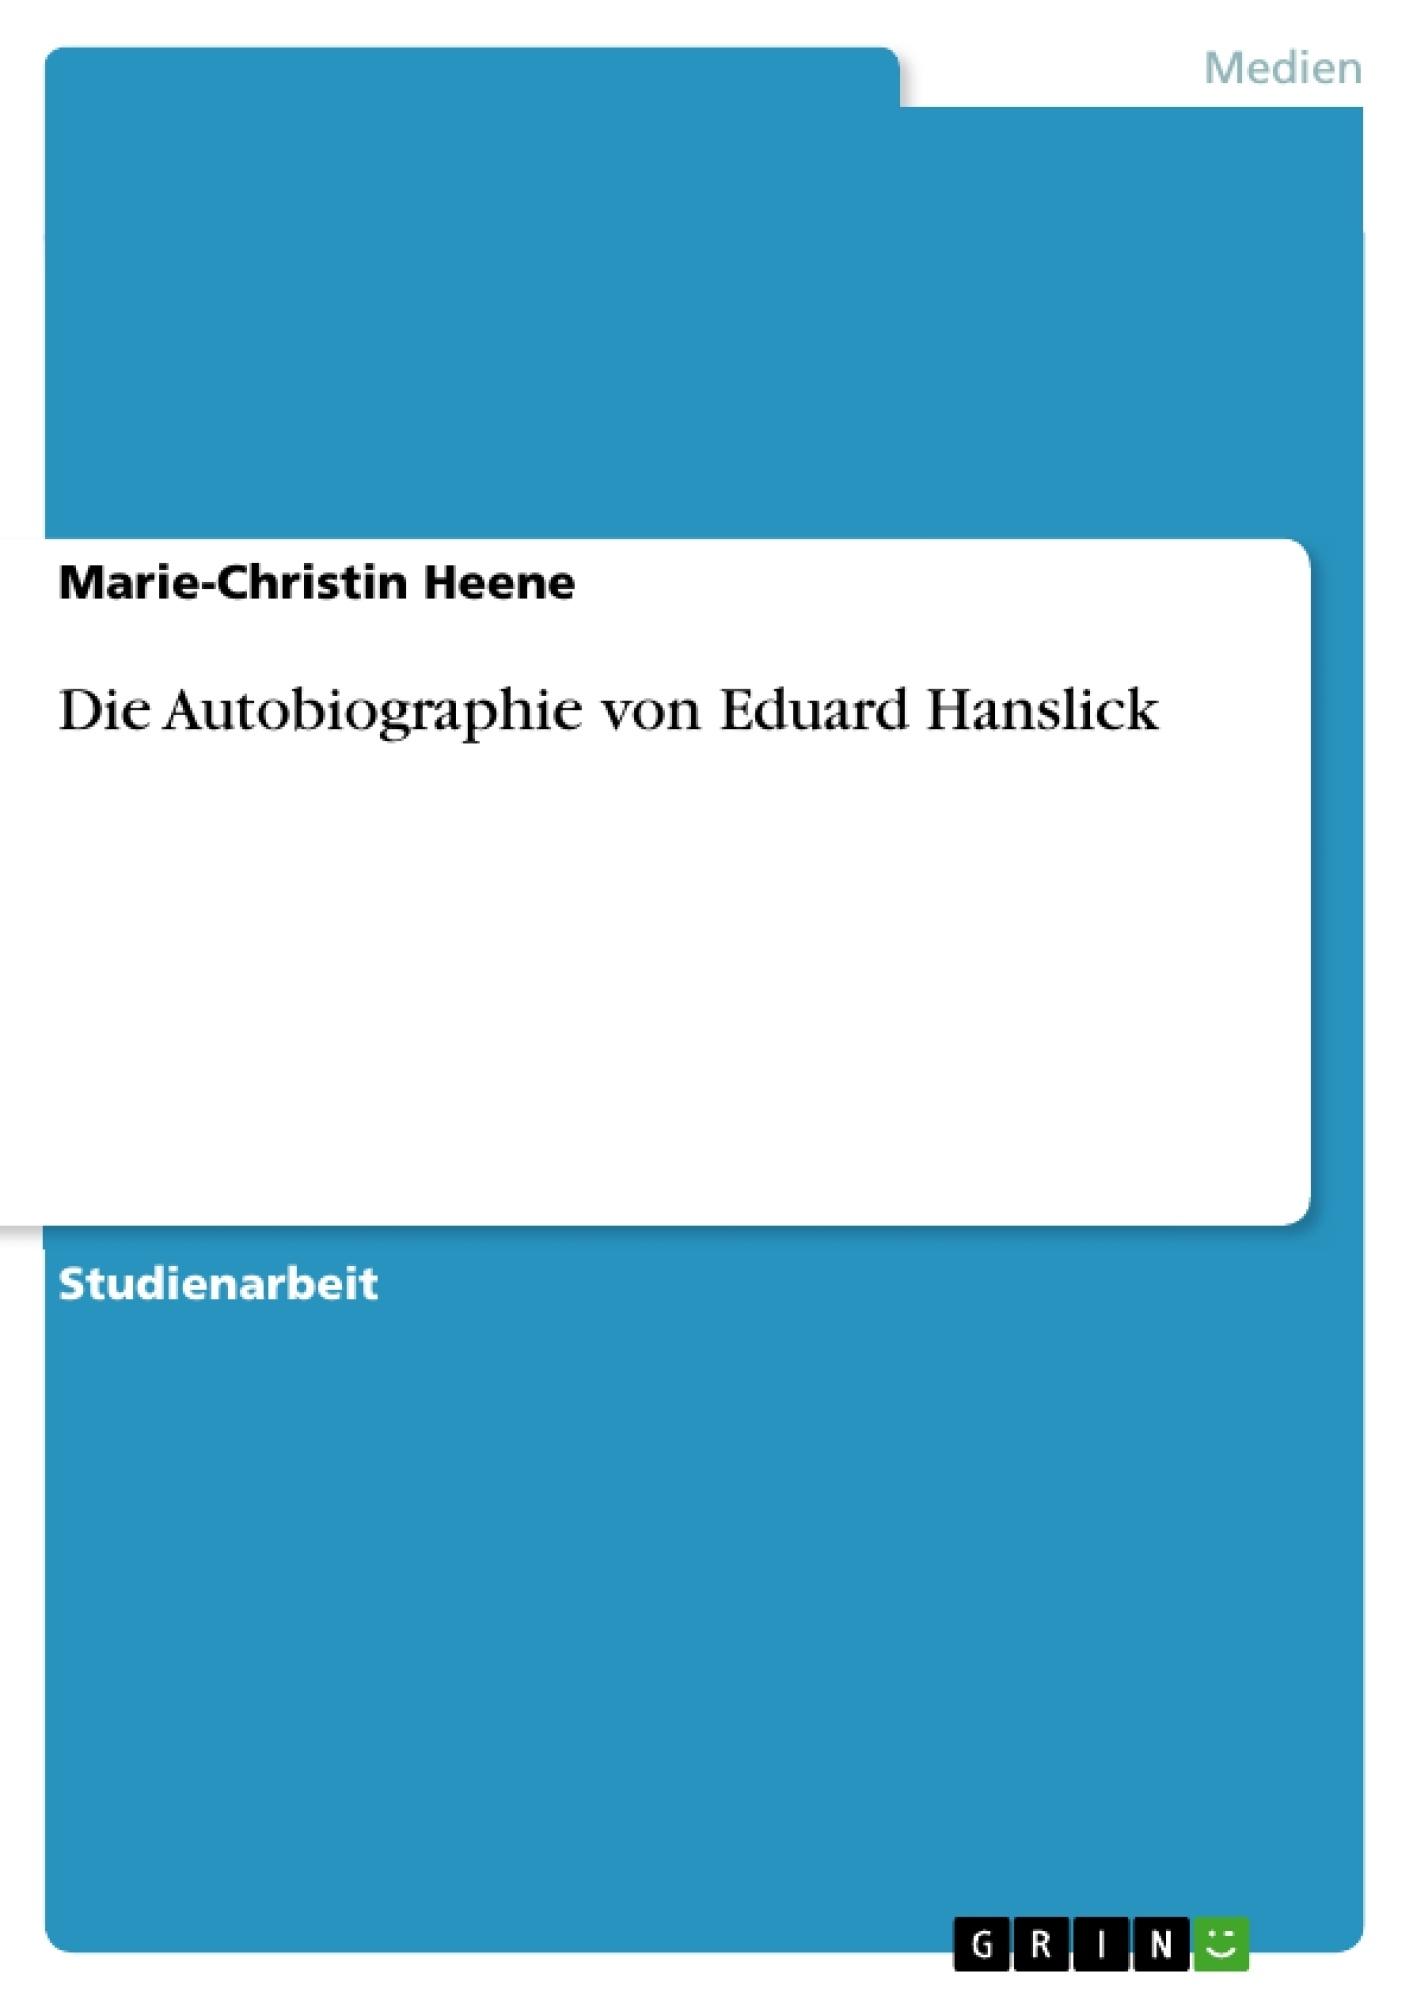 Titel: Die Autobiographie von Eduard Hanslick